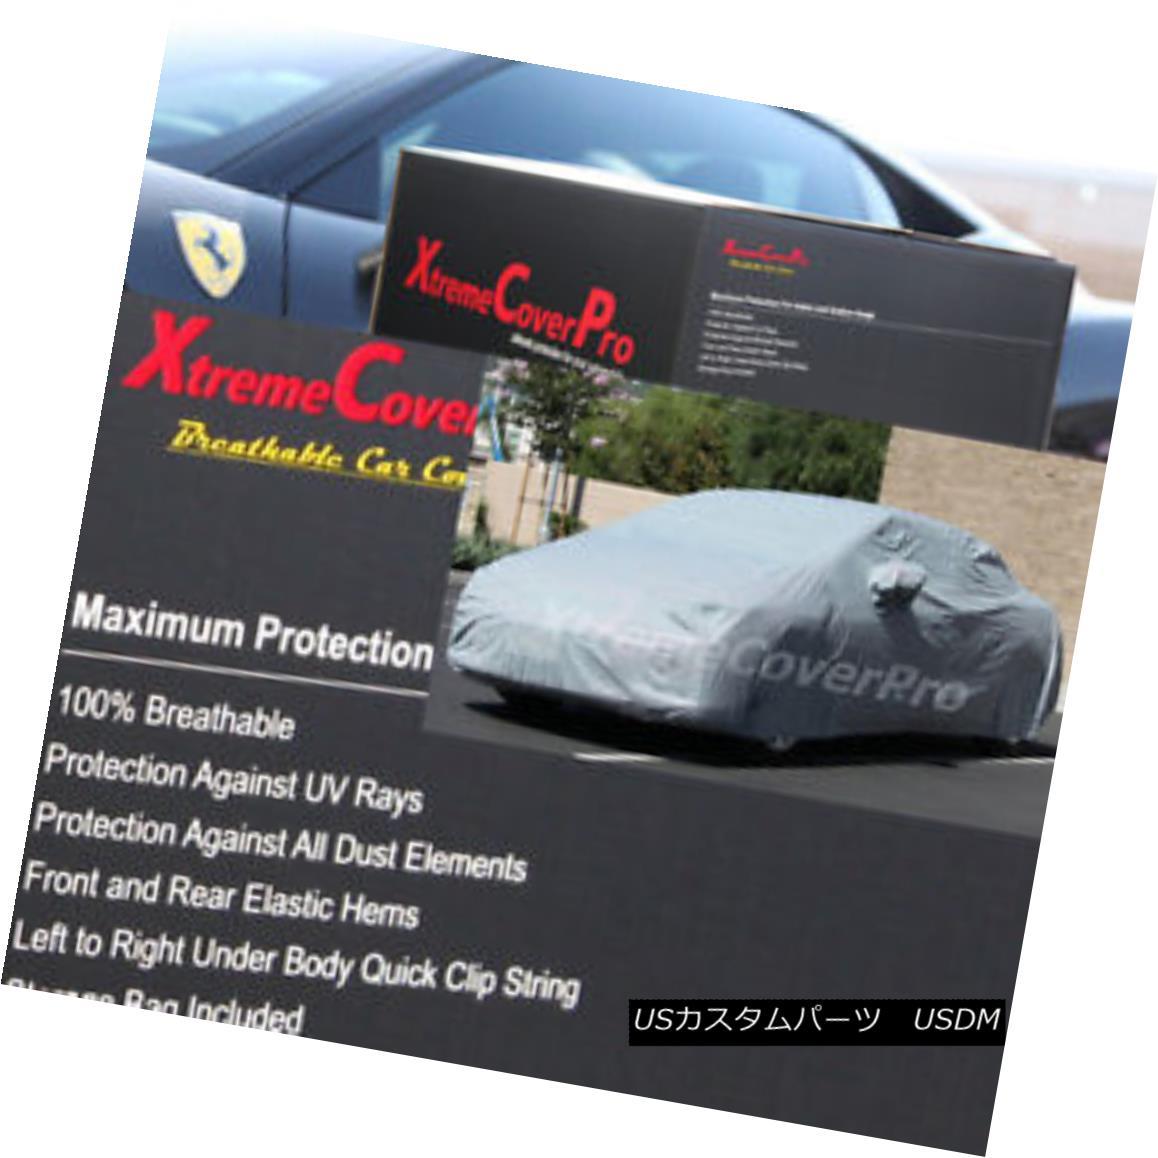 カーカバー 2014 Cadillac CTS Coupe Breathable Car Cover w/ Mirror Pocket 2014キャデラックCTSクーペ通気性車カバー(ミラーポケット付)